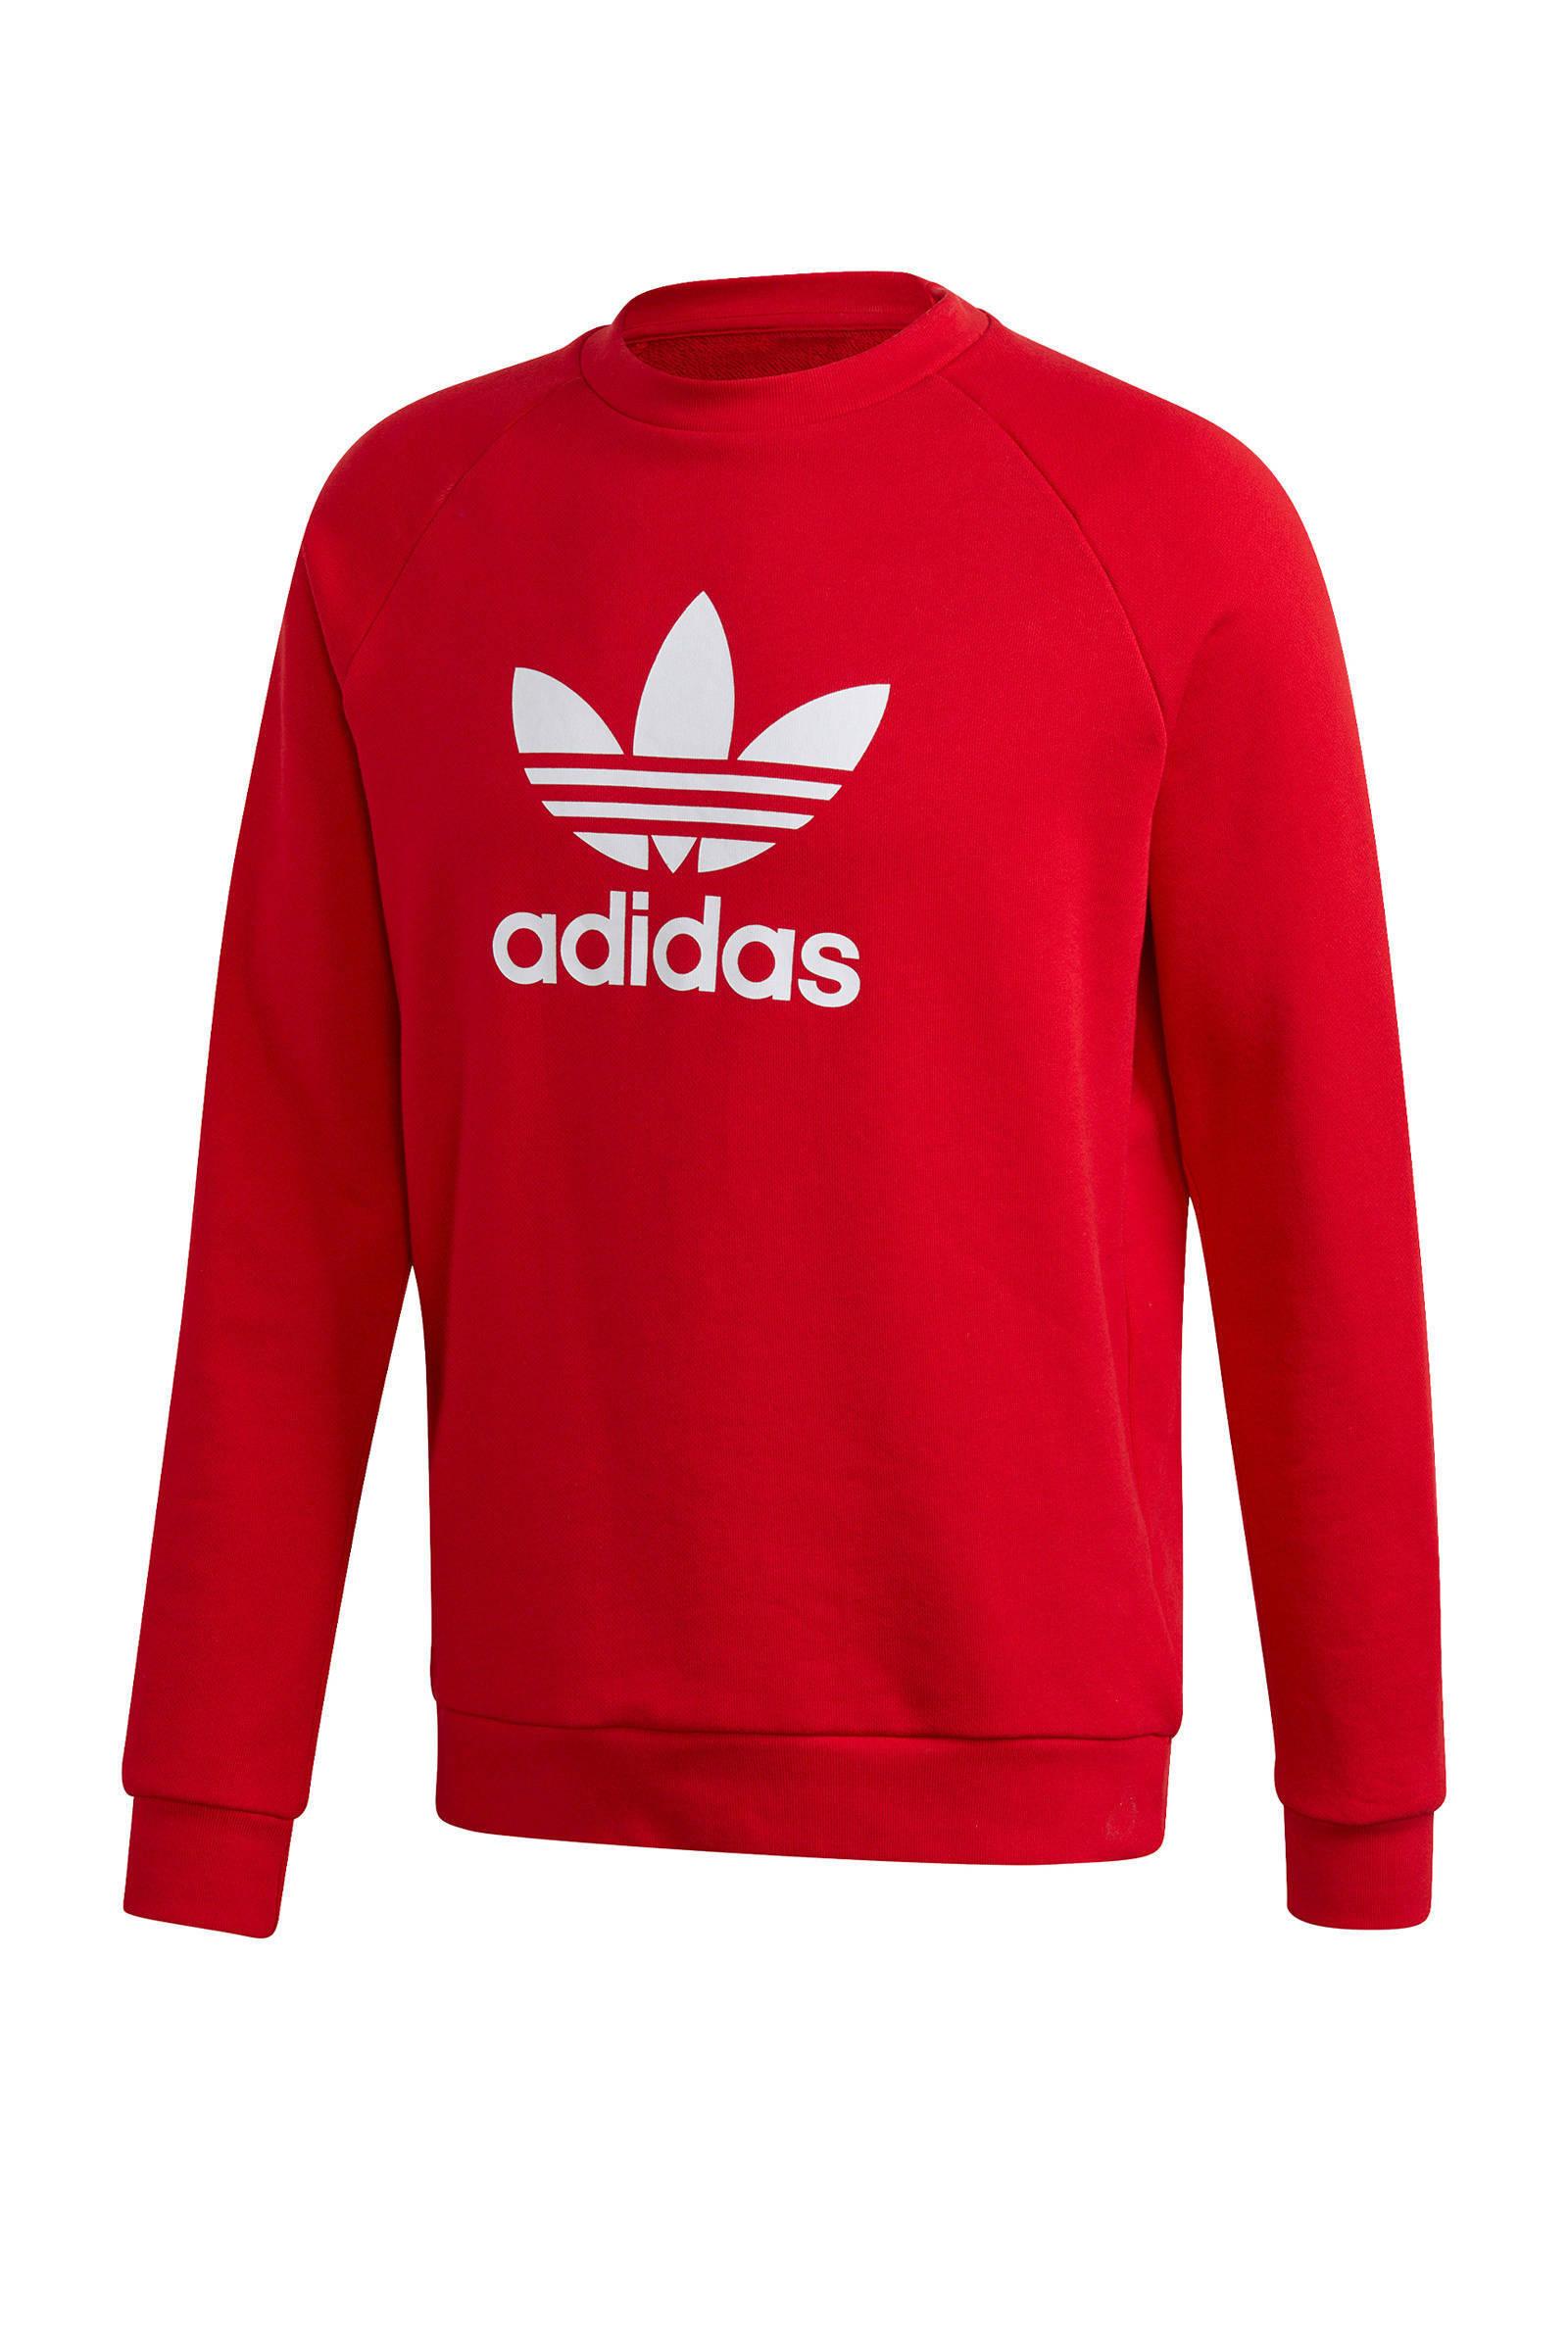 adidas Originals sweater rood | wehkamp